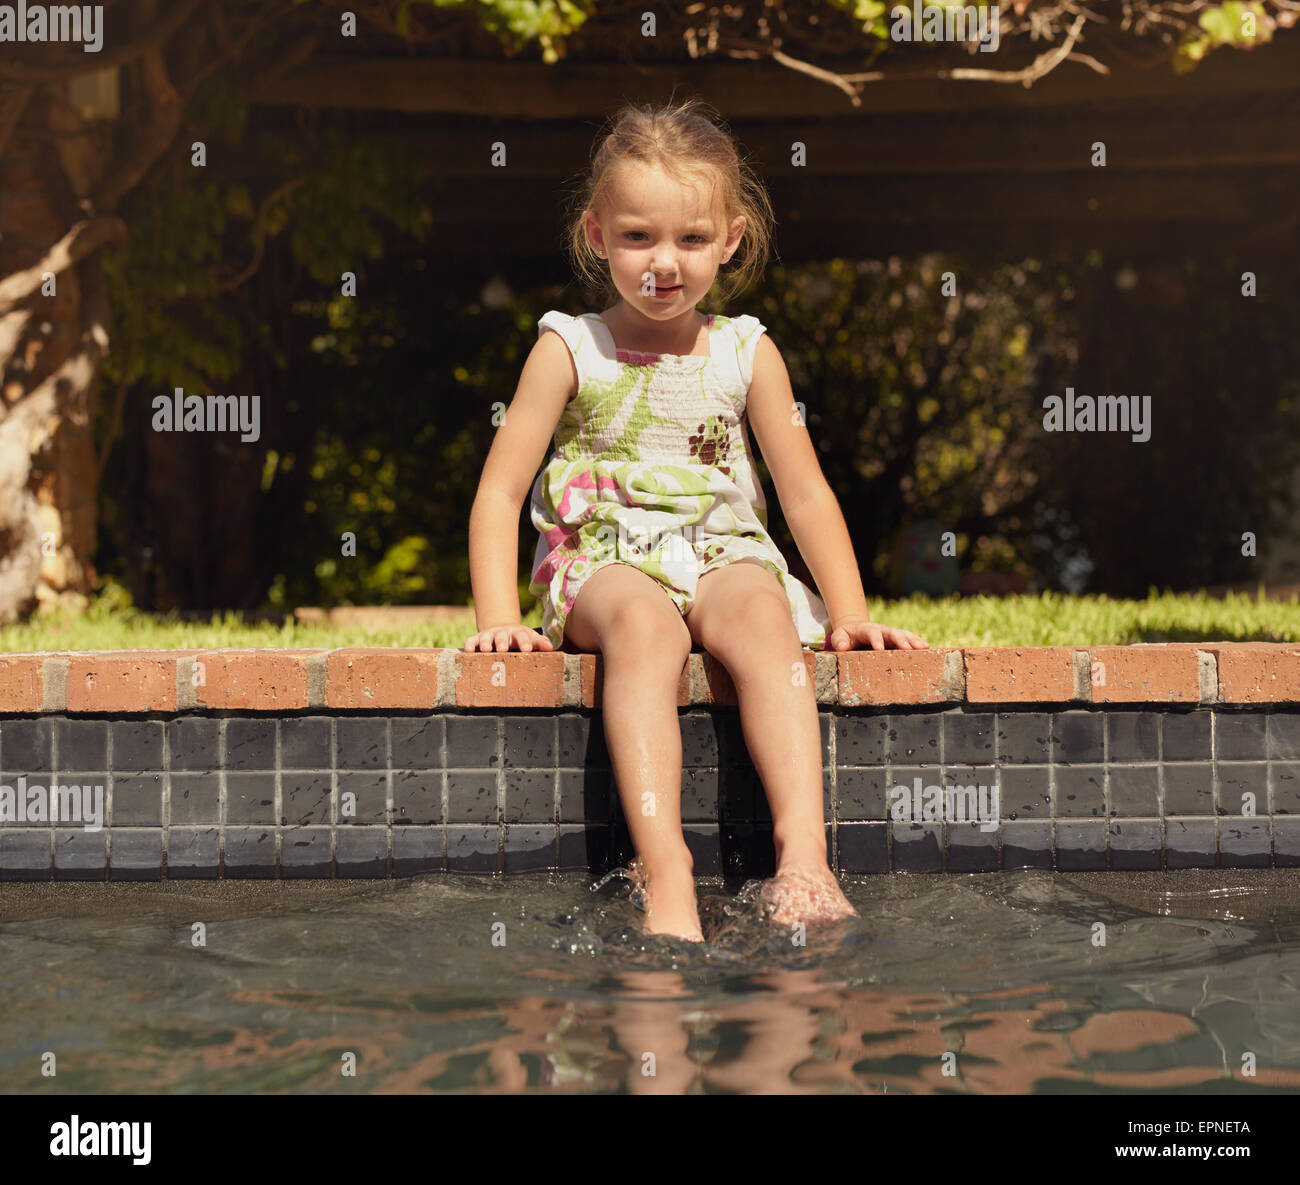 Adorabile bambina godendo seduti a bordo della piscina sulla giornata di sole. Ragazza giovane con i suoi piedi Immagini Stock